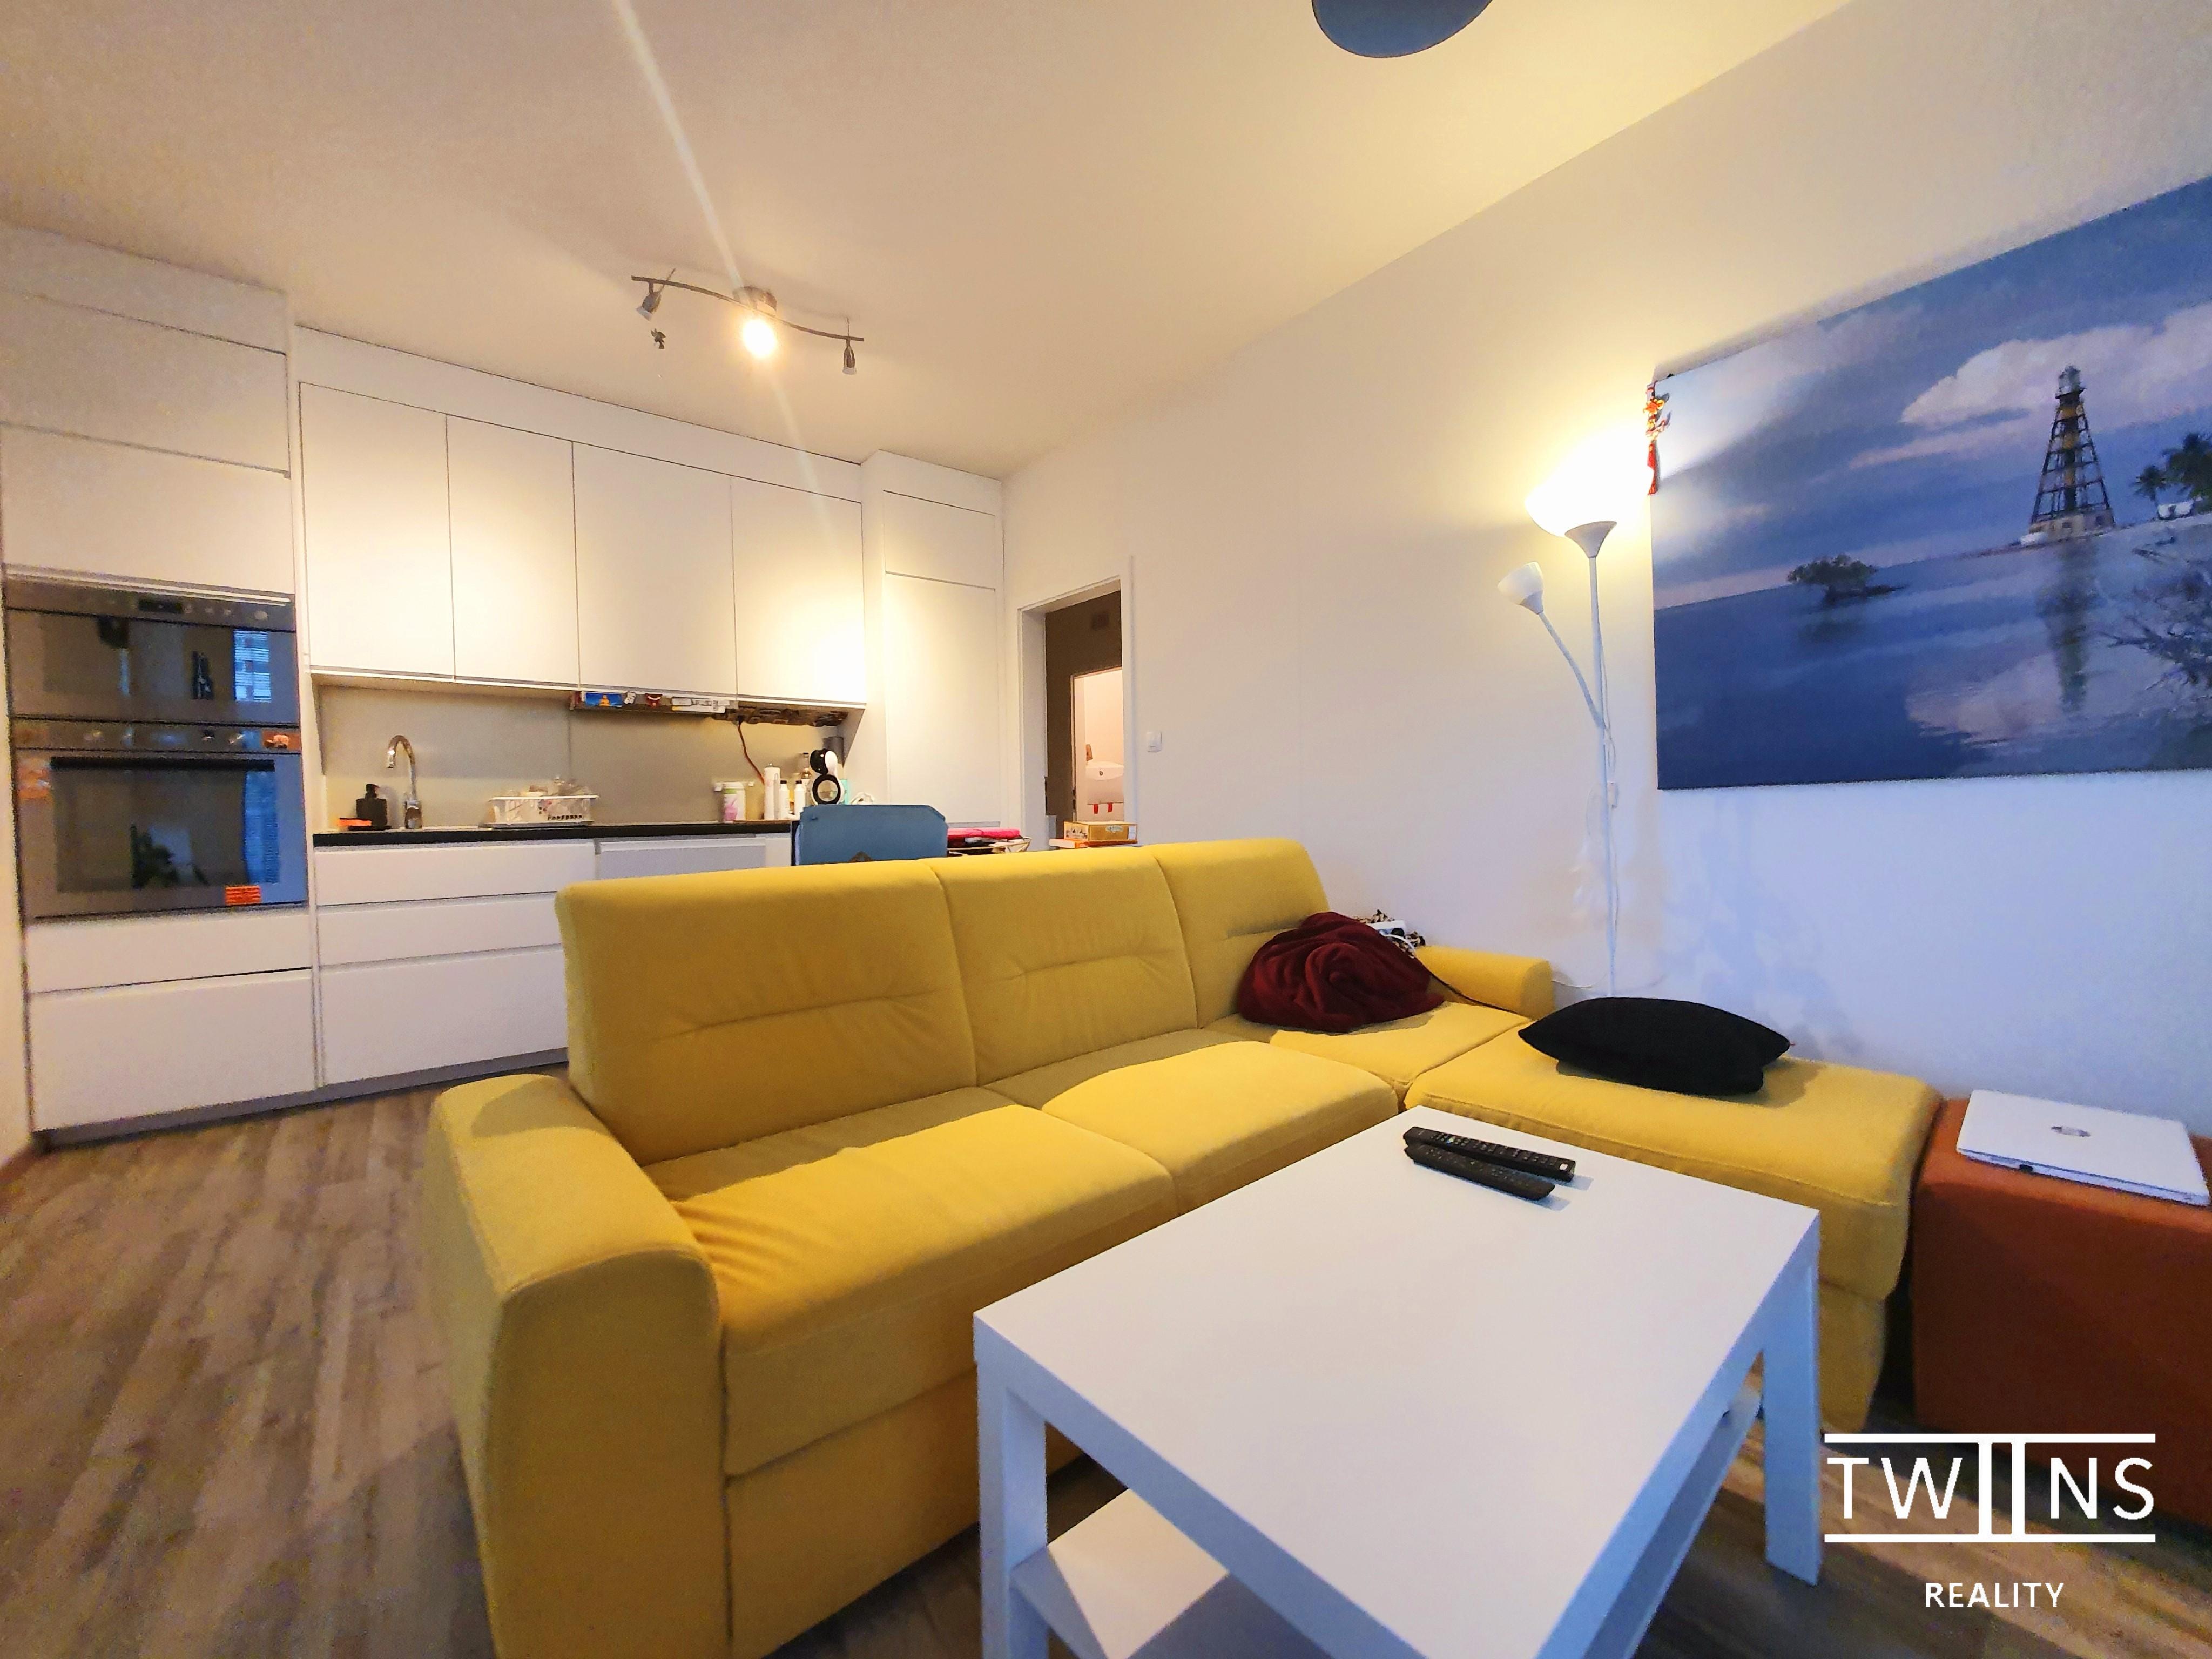 ✅Predáme 2i. byt v 2 r. Novostavbe na Jegého ulici v Širšom centre Bratislavy